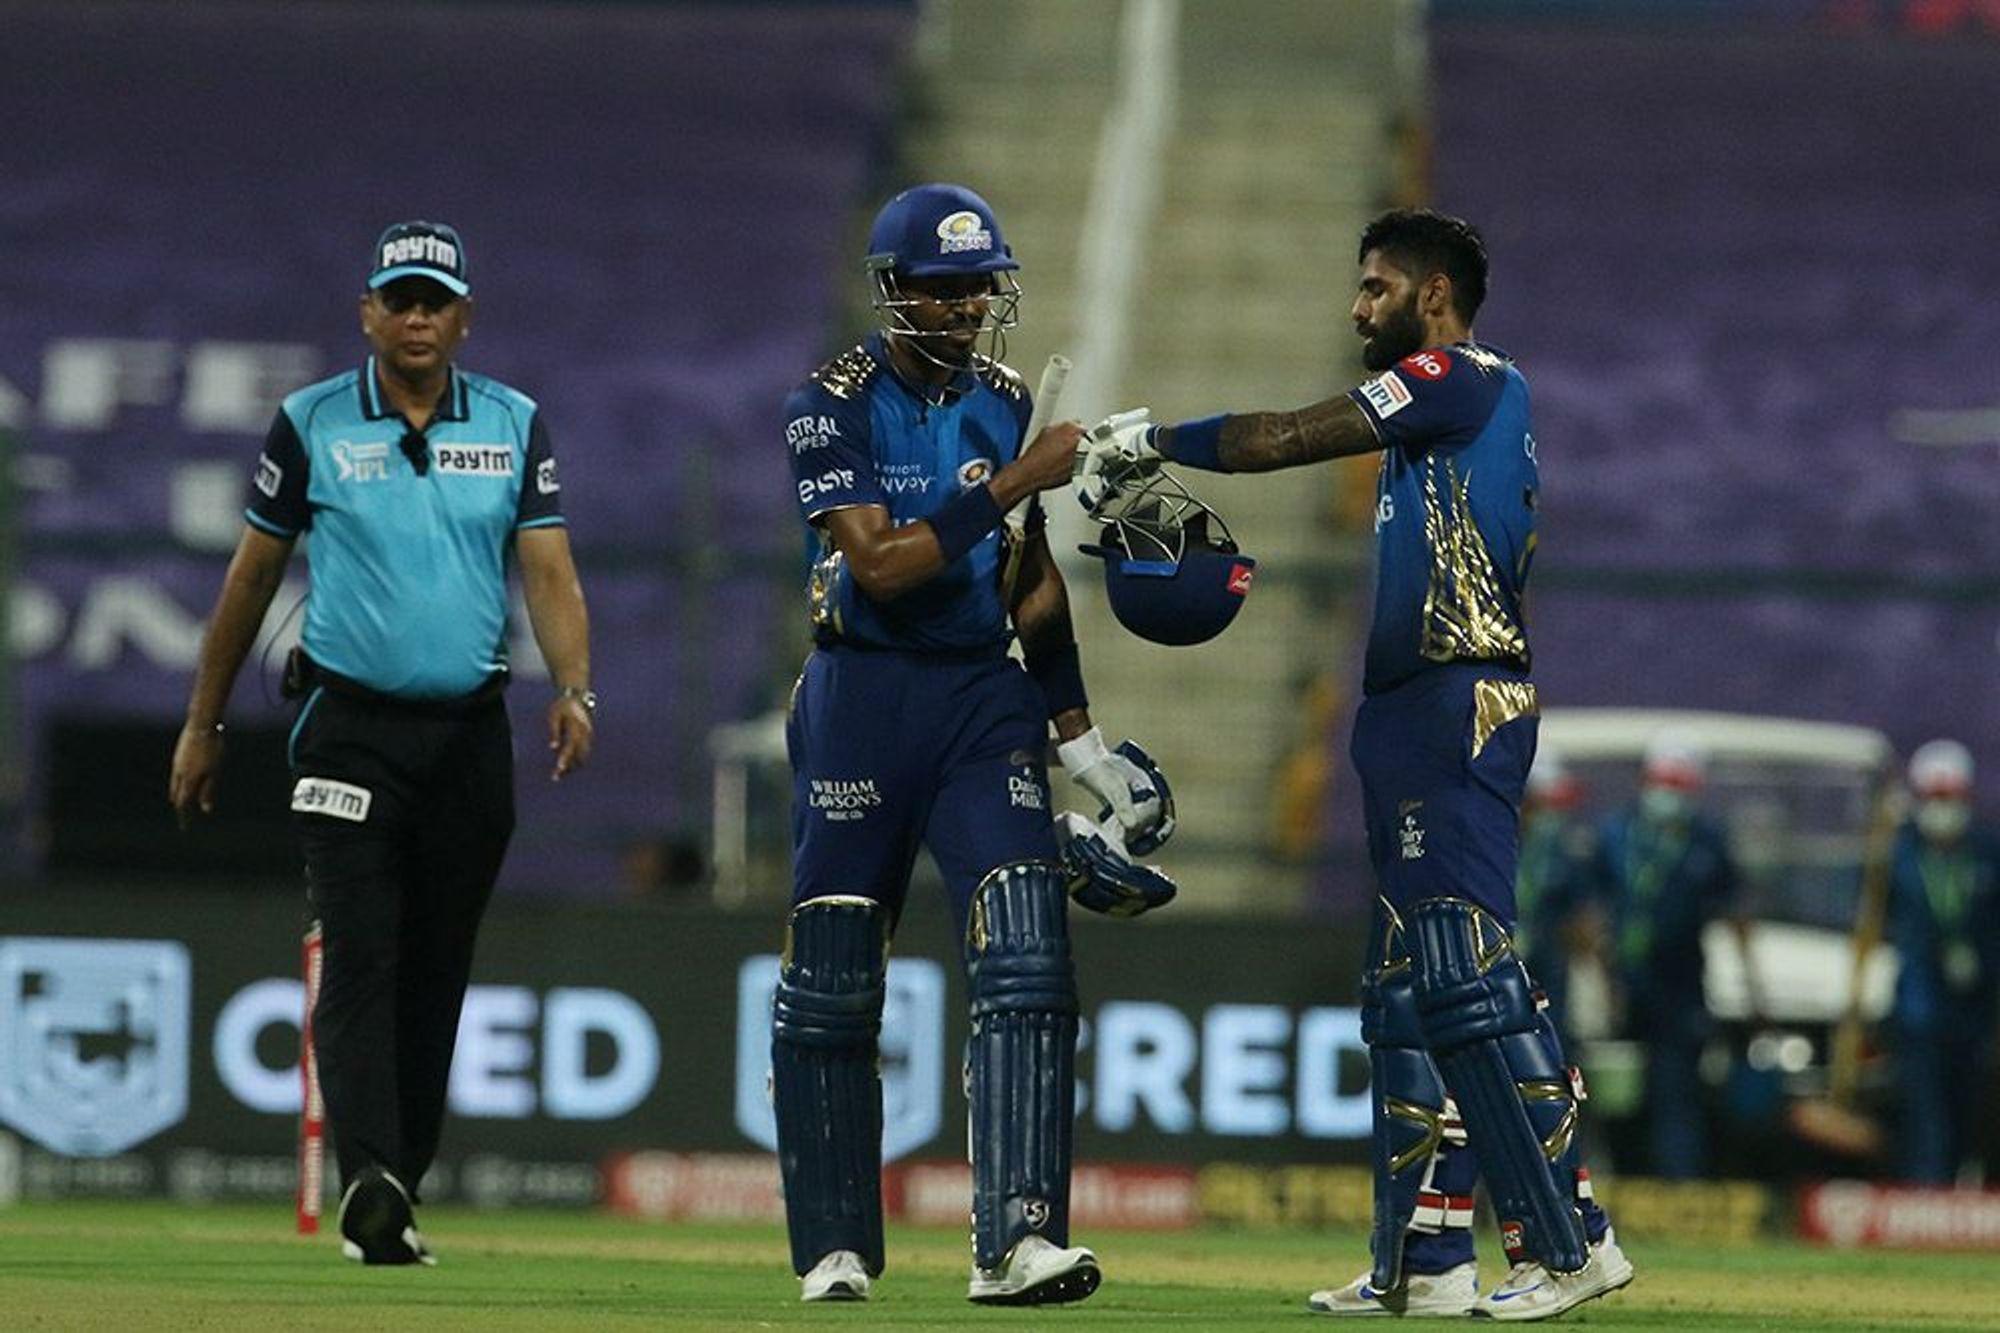 MIvsRR: मैन ऑफ द मैच बने सूर्यकुमार यादव ने इसको दिया अपनी बल्लेबाजी में सफलता का श्रेय 3